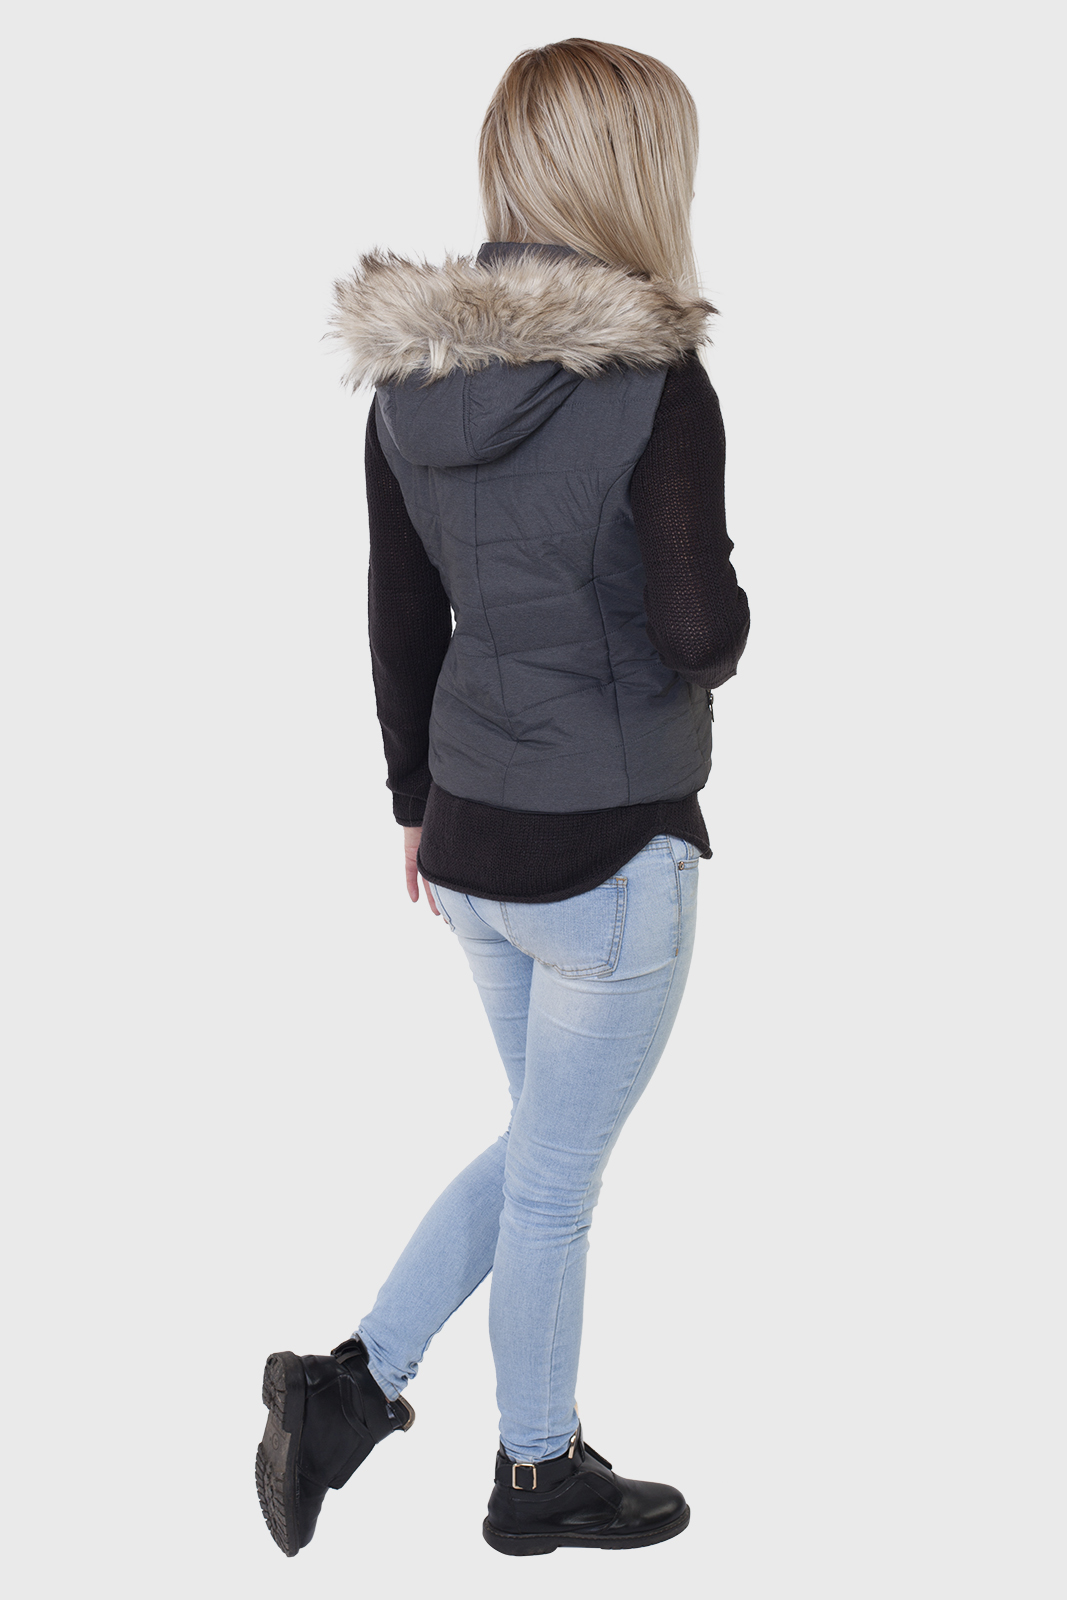 Утепленный женский жилет с капюшоном от Aeropostale (США). заказать в Военпро